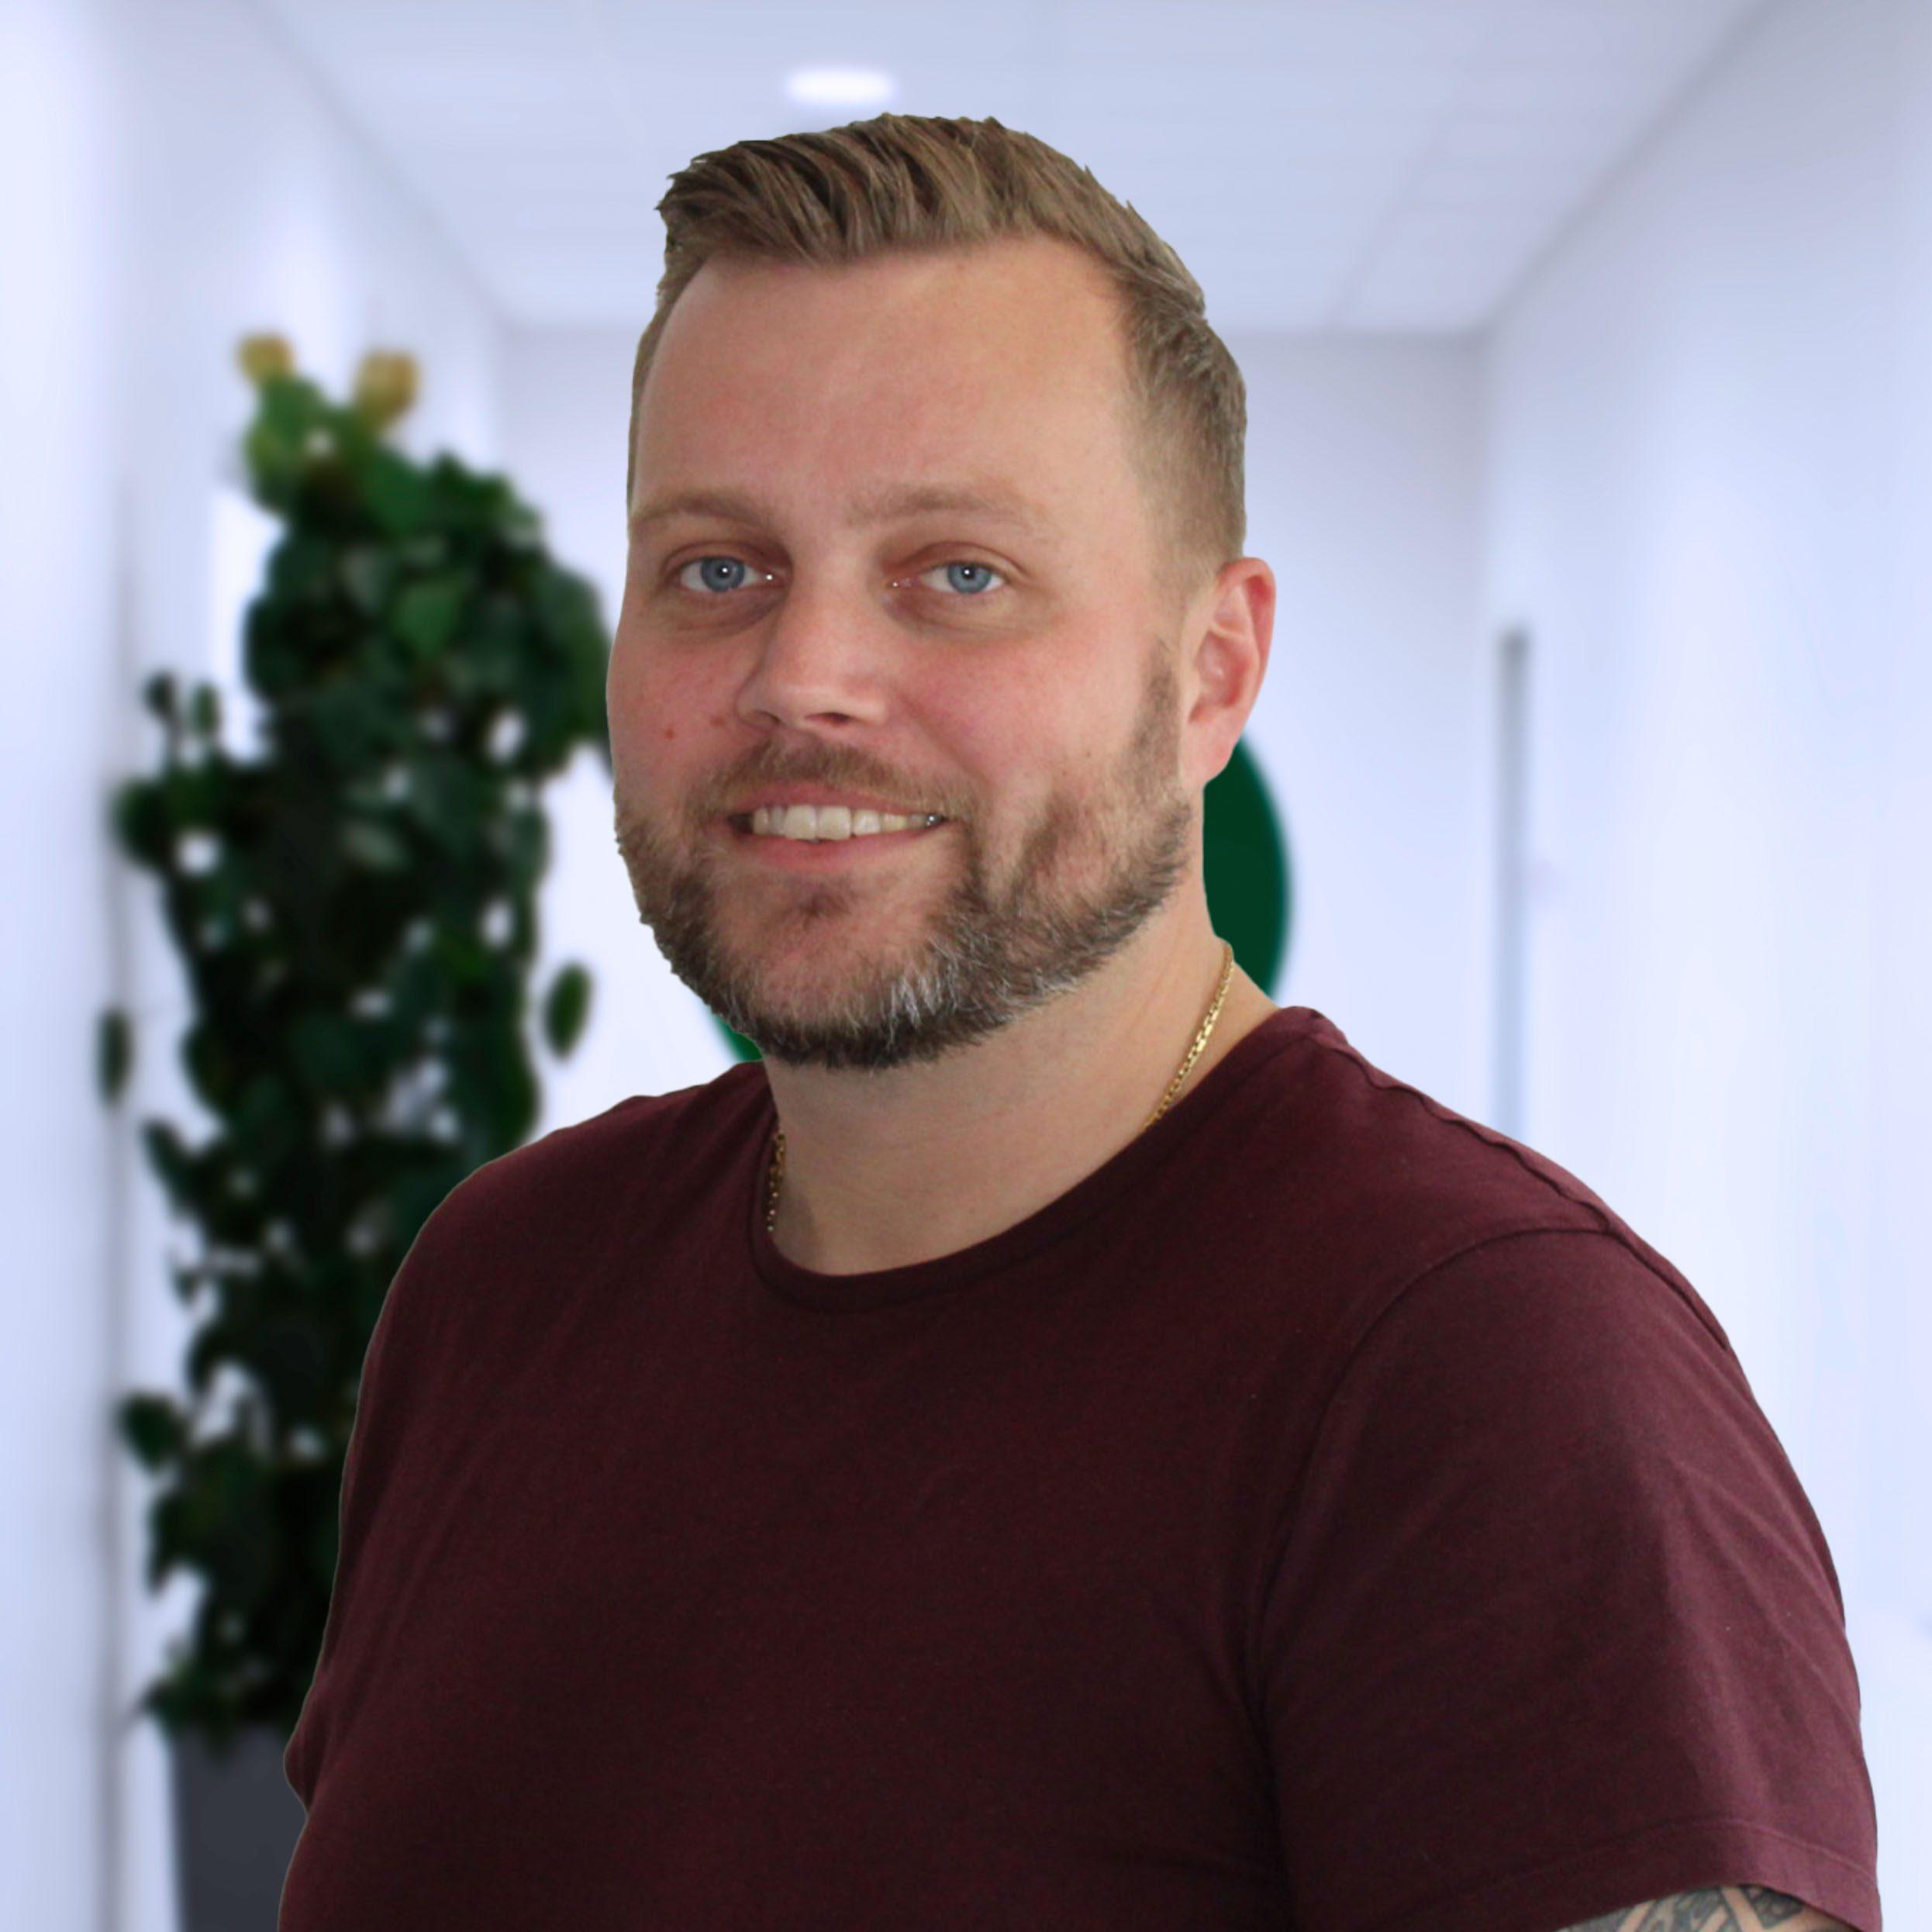 Lasse T. Boserup